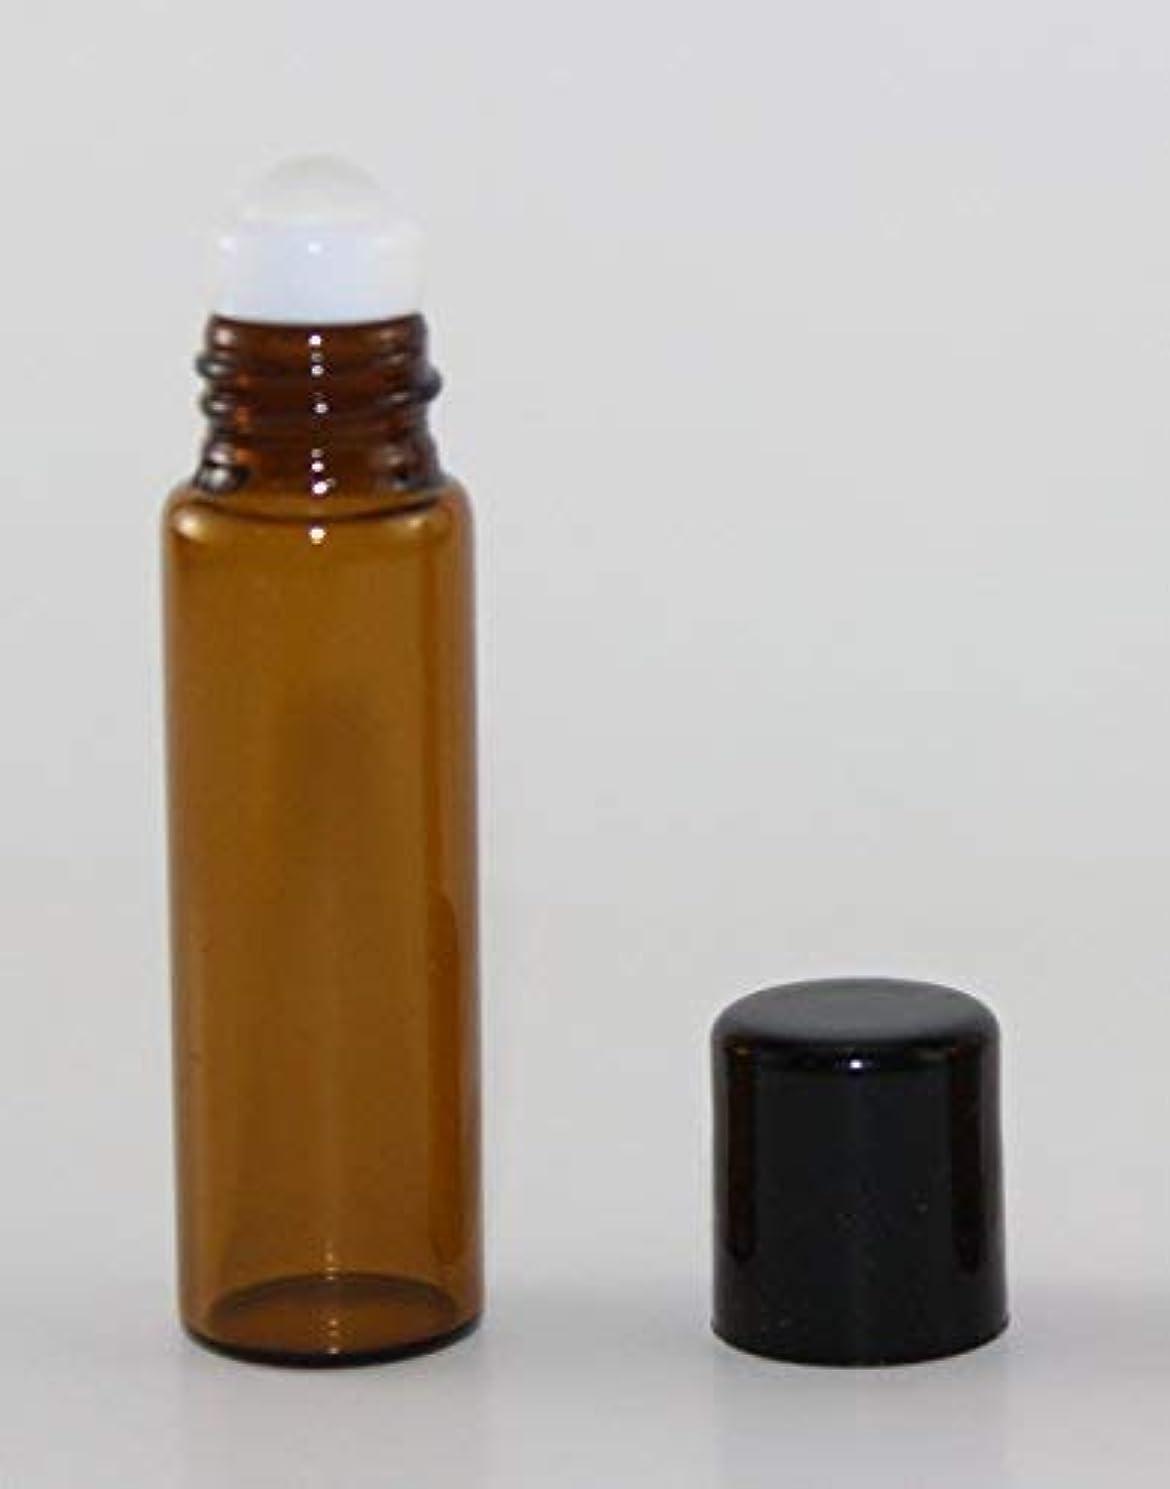 自明約束する物質USA 72 Amber Glass 5 ml Roll-On Glass Bottles with GLASS Roller Roll On Balls - Refillable Aromatherapy Essential...